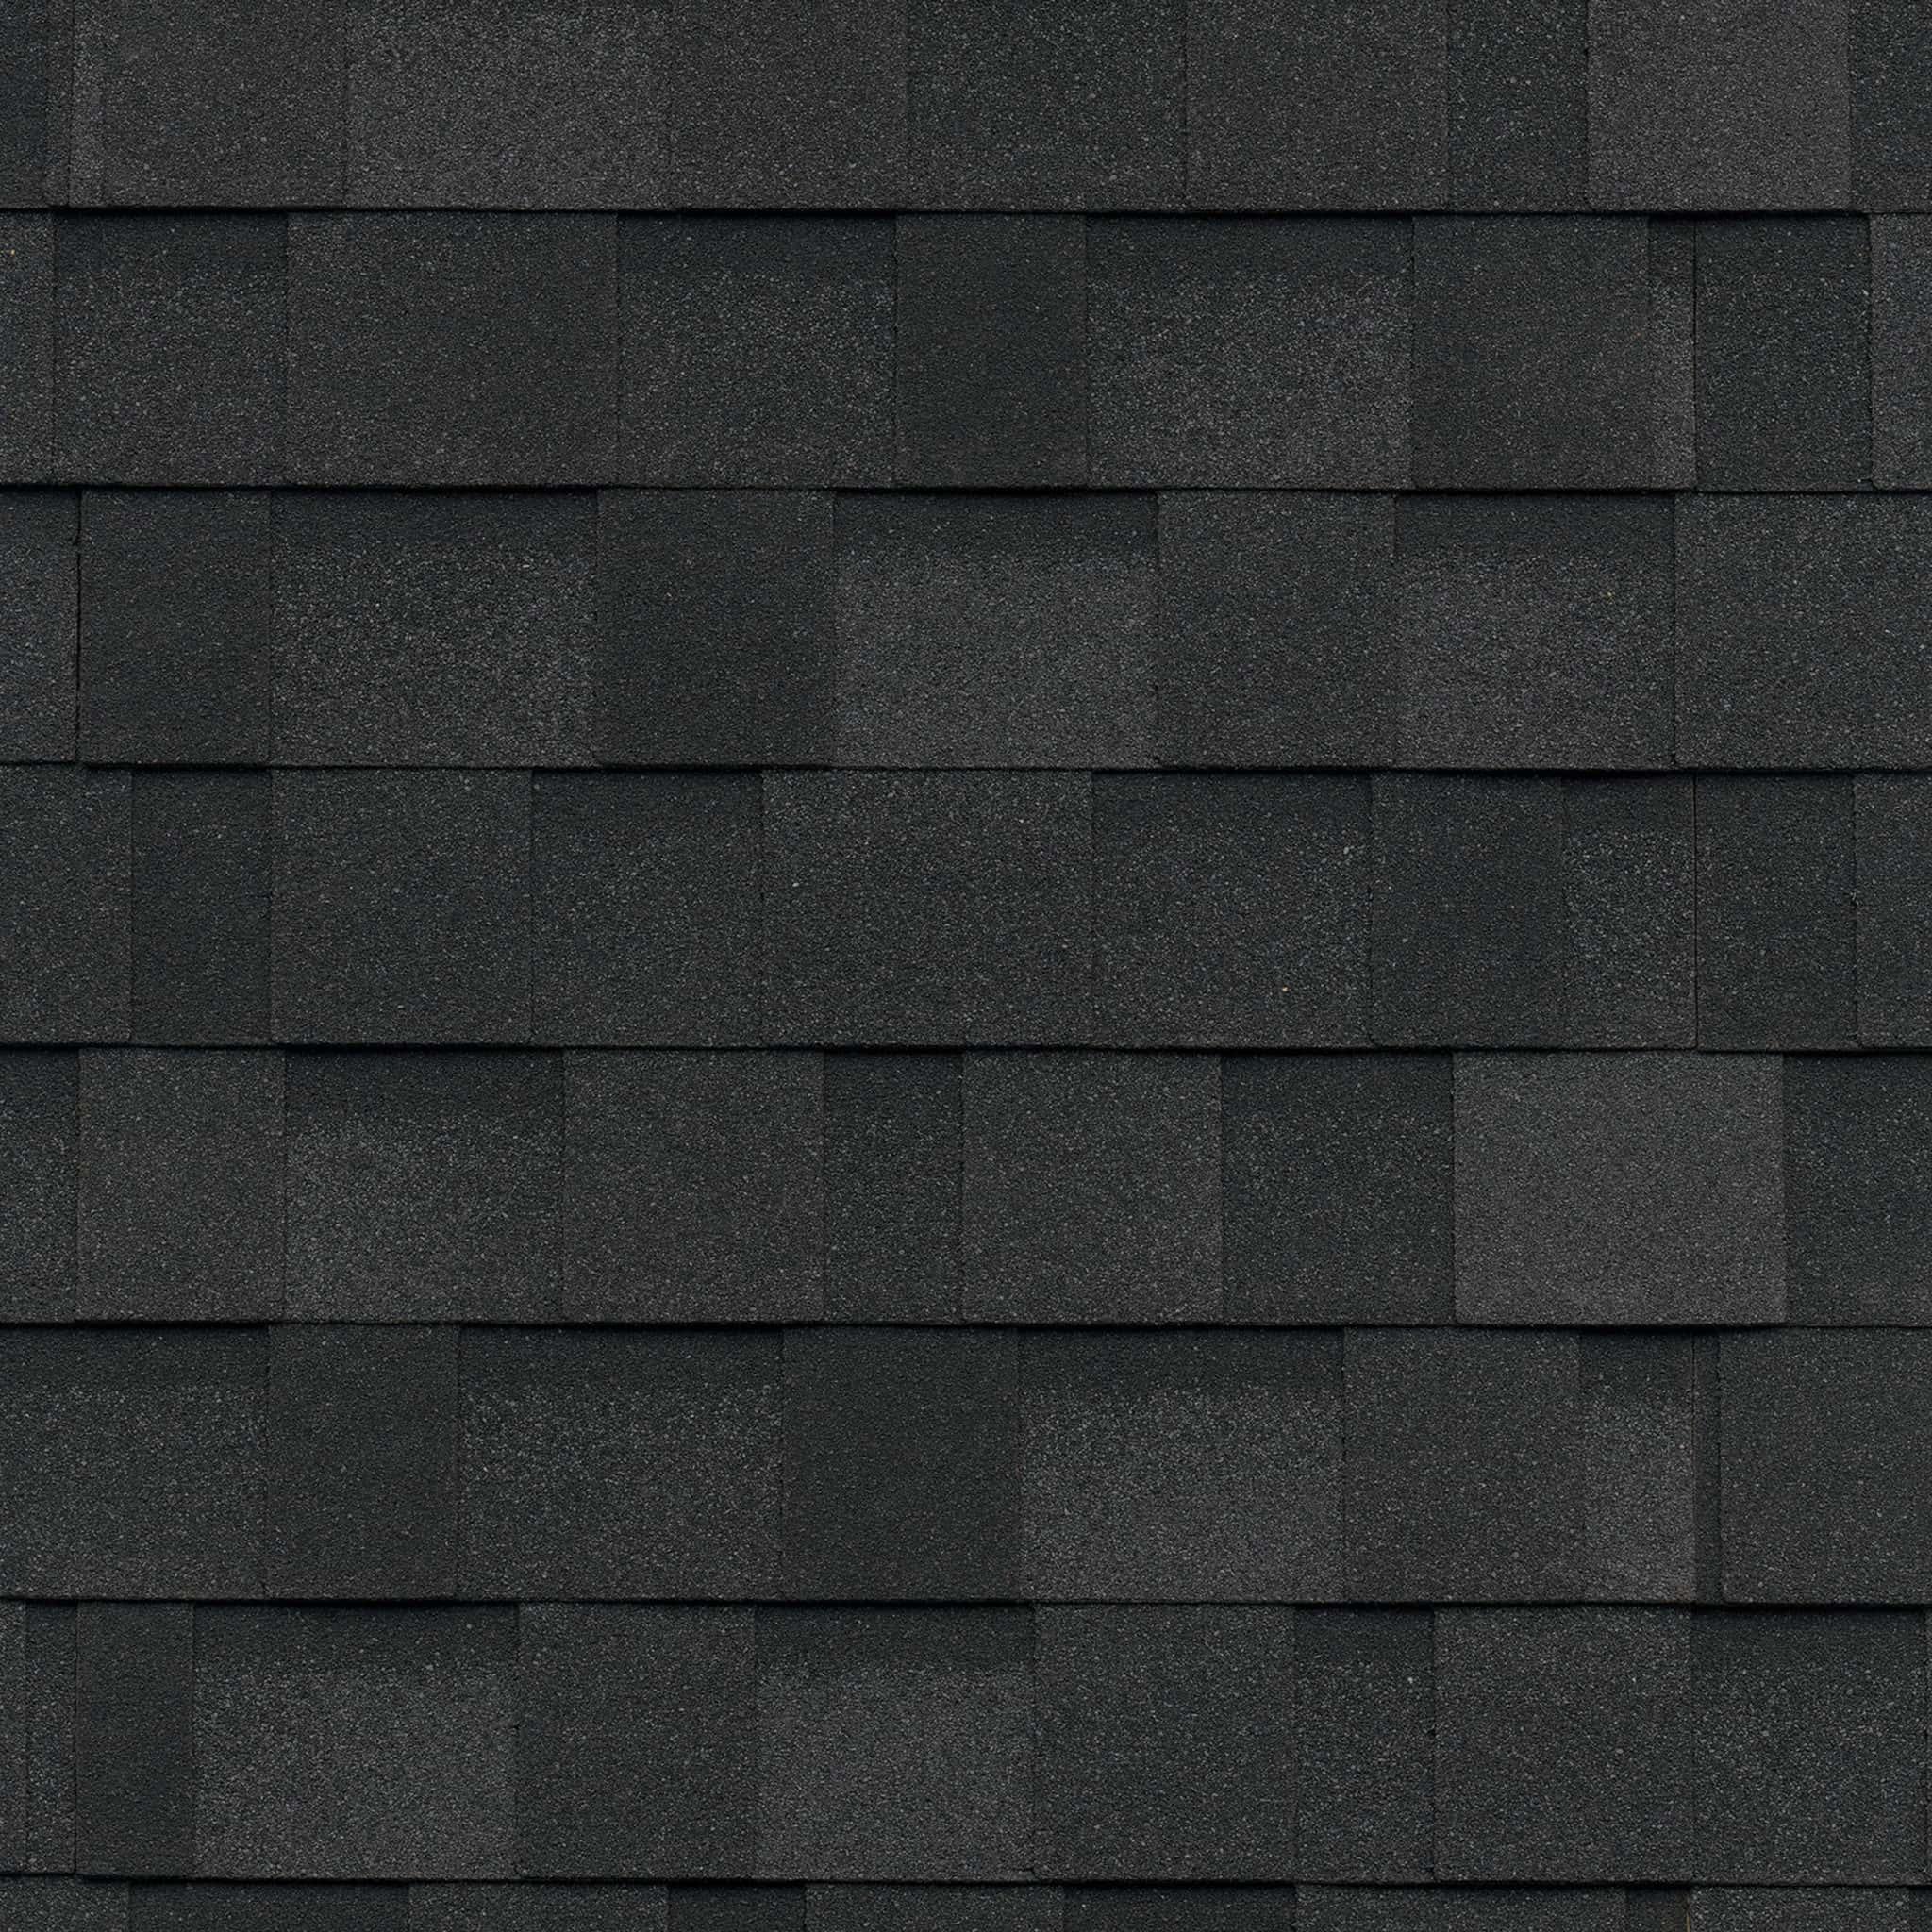 IKO Nordic Granite Black Swatch